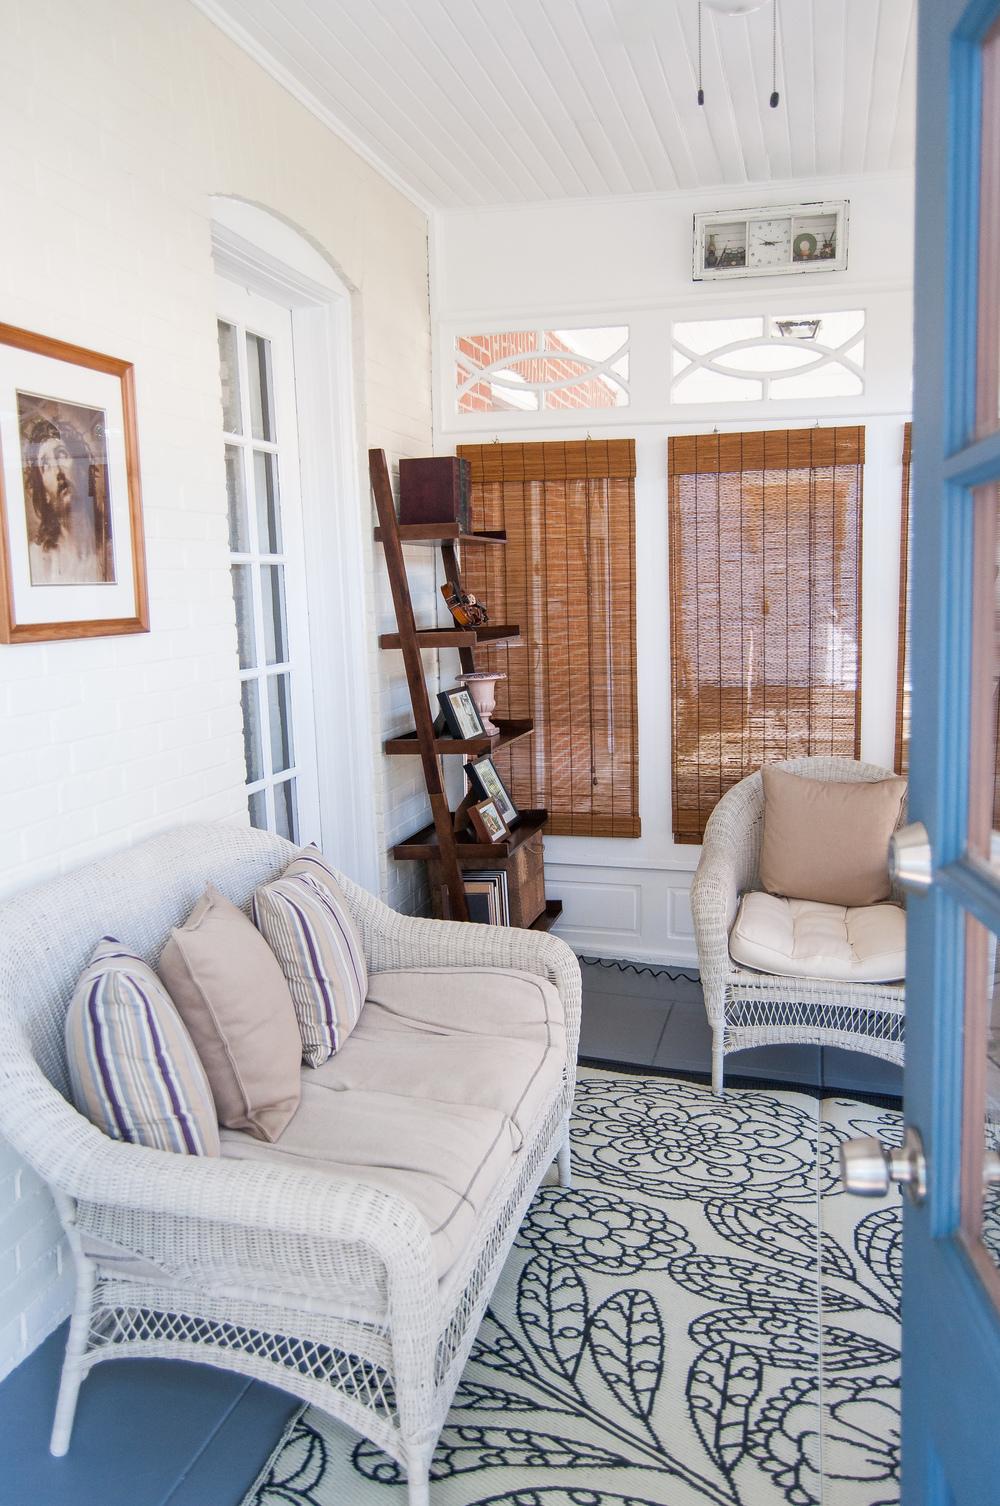 140628 - Saul Street House-1.jpg